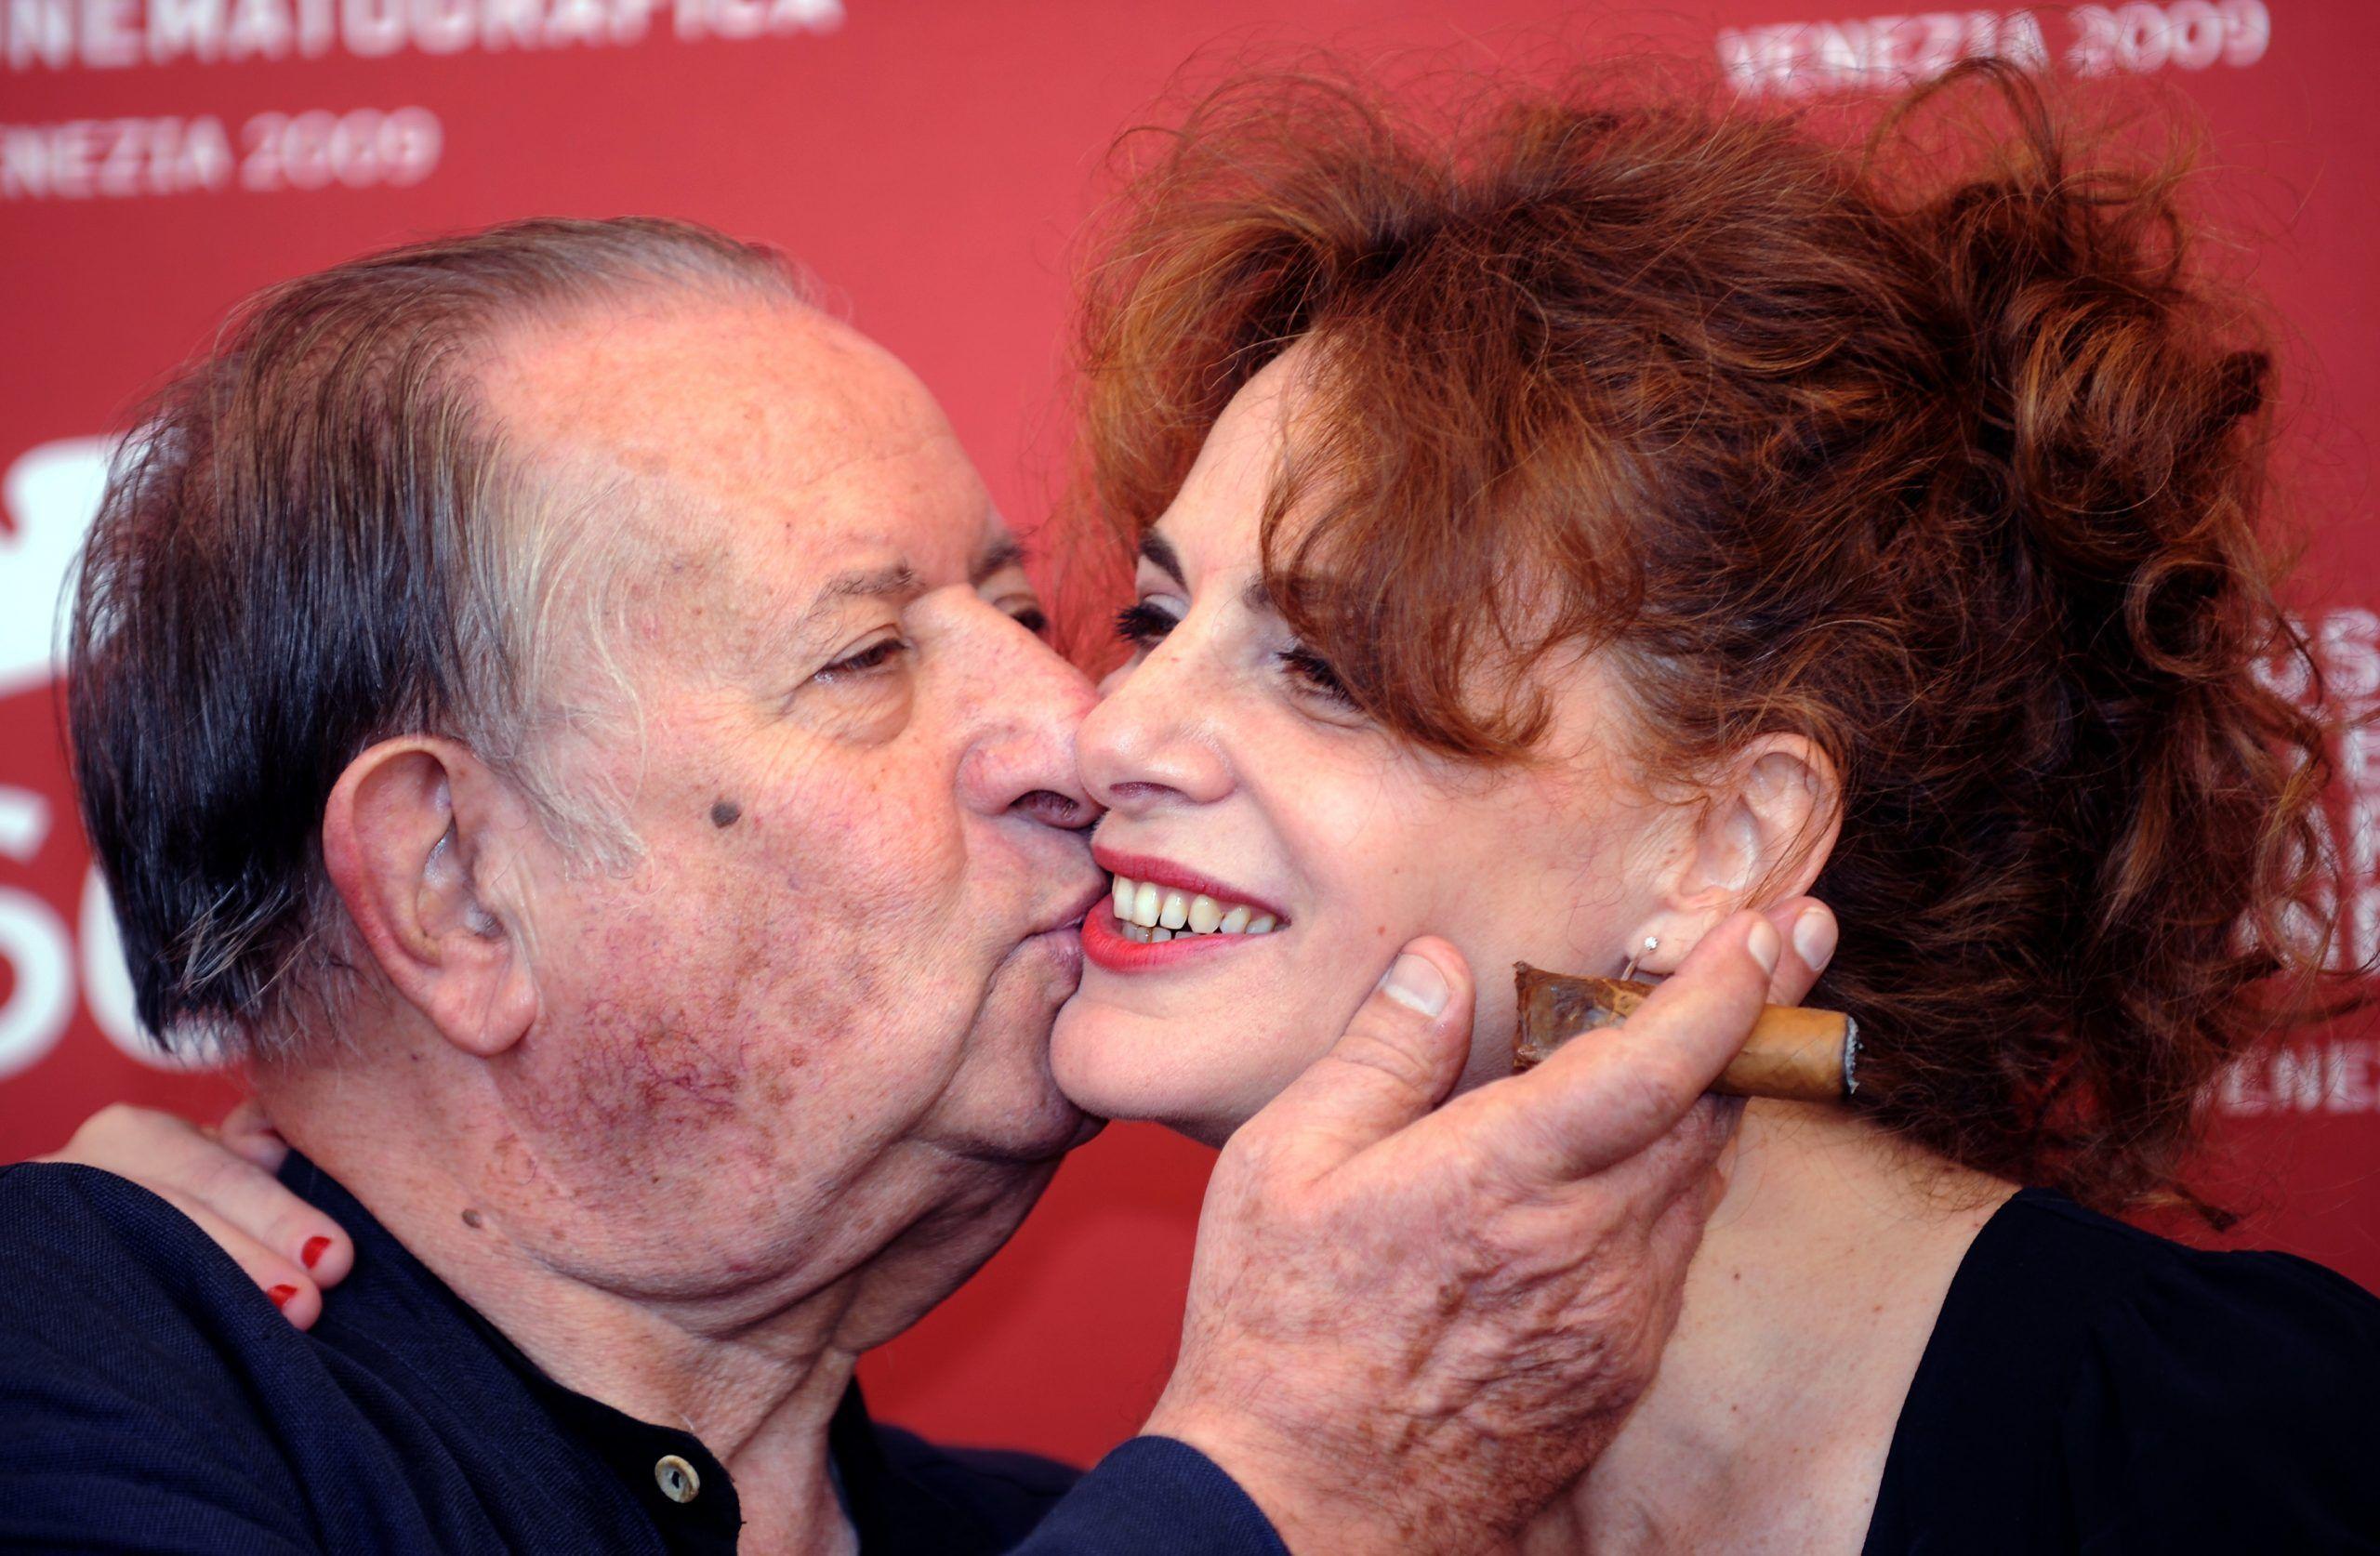 Tinto Brass si sposa a 84 anni Sarà la felice conclusione della mia esistenza